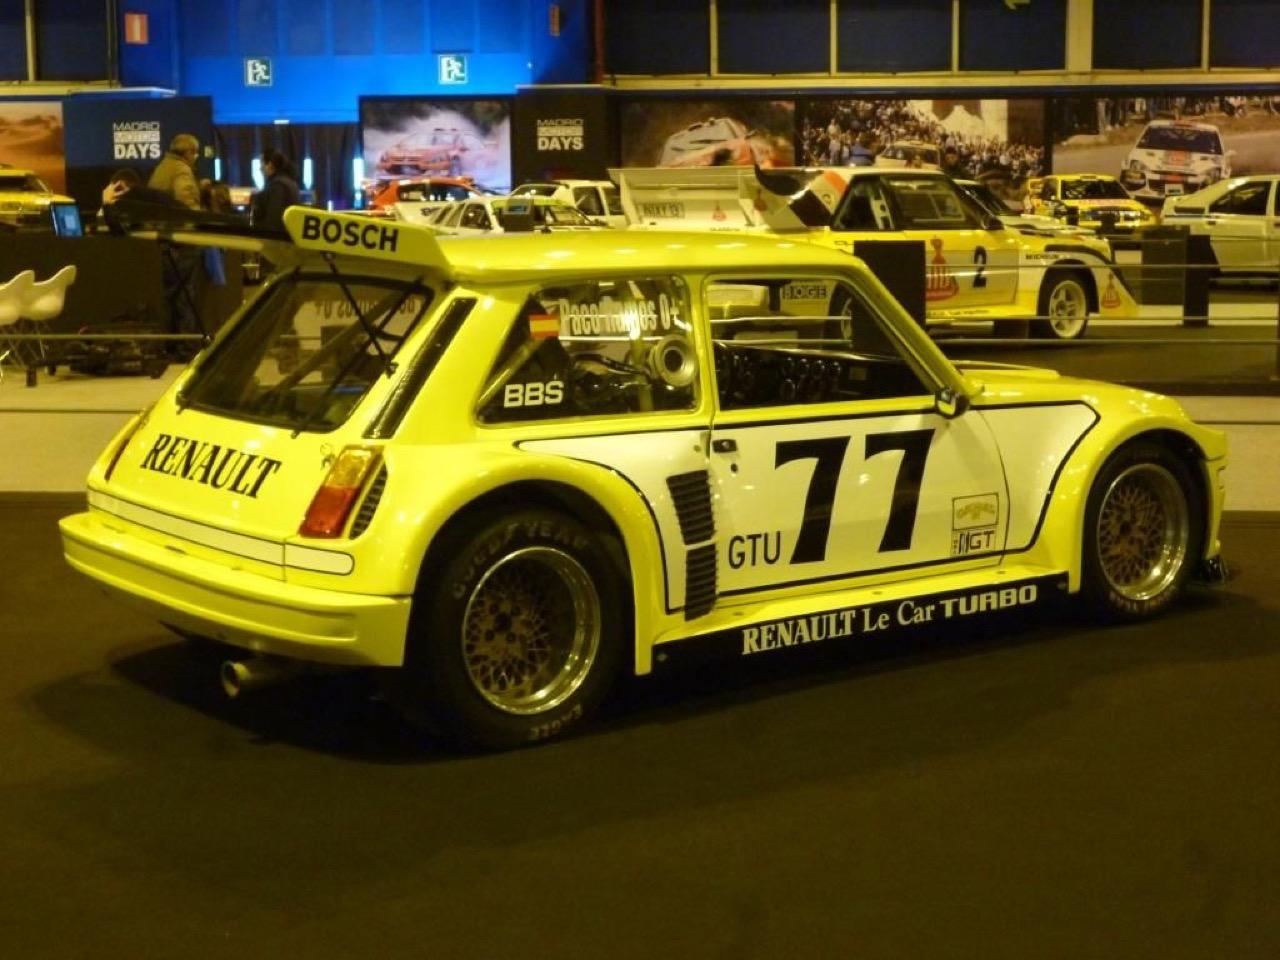 Renault Le Car Turbo GTU IMSA - De l'autre côté de l'Atlantique ! 5